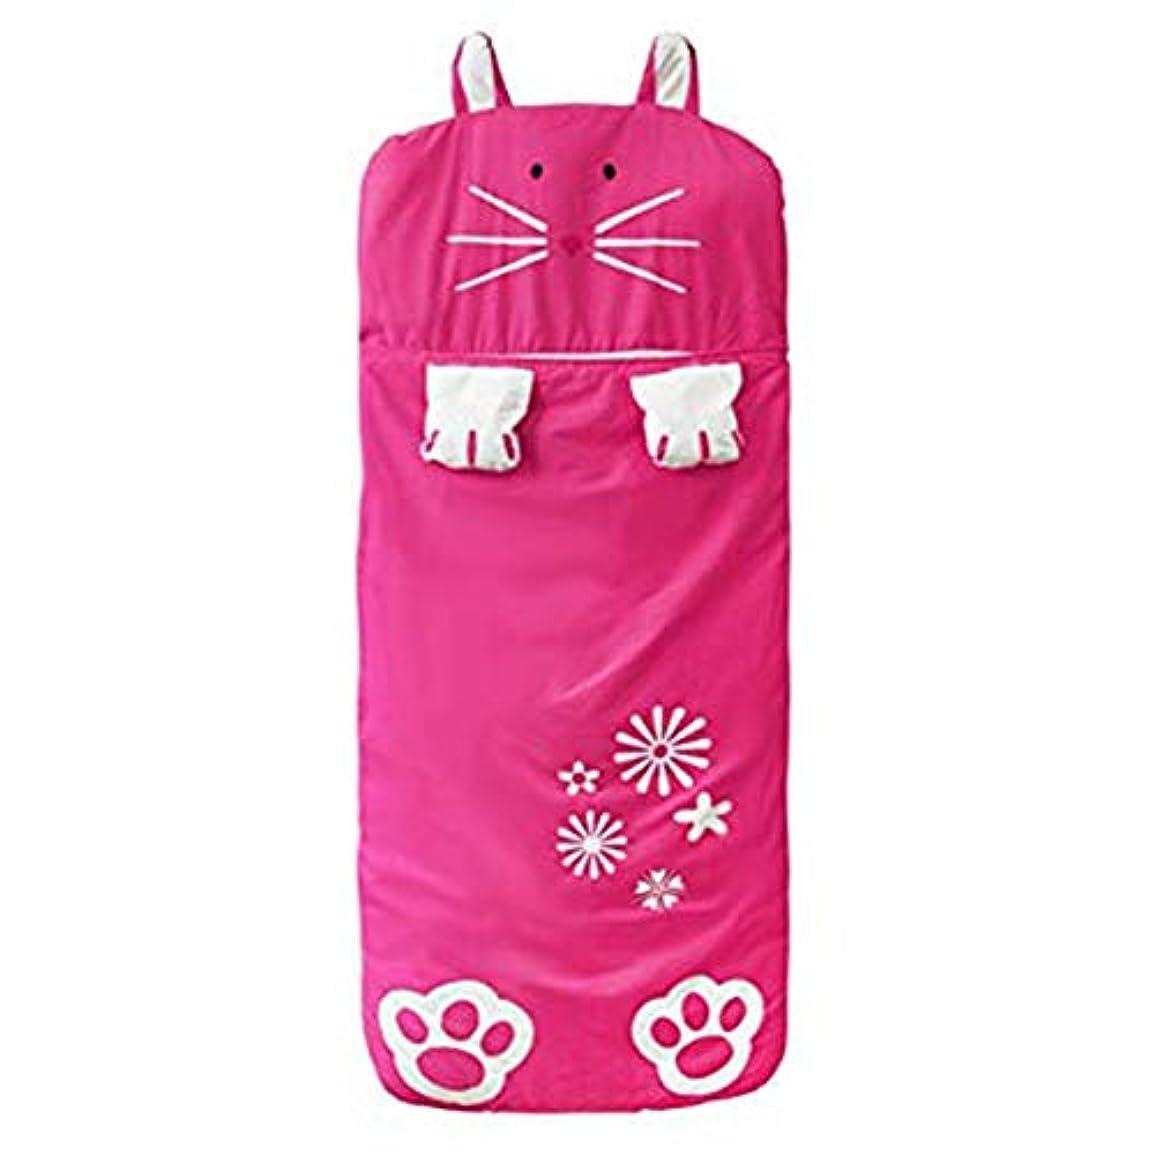 手当浪費旅客ACHICOO 寝袋 かわいい ウサギのデザイン 子供 厚い ローズレッド_140 * 60